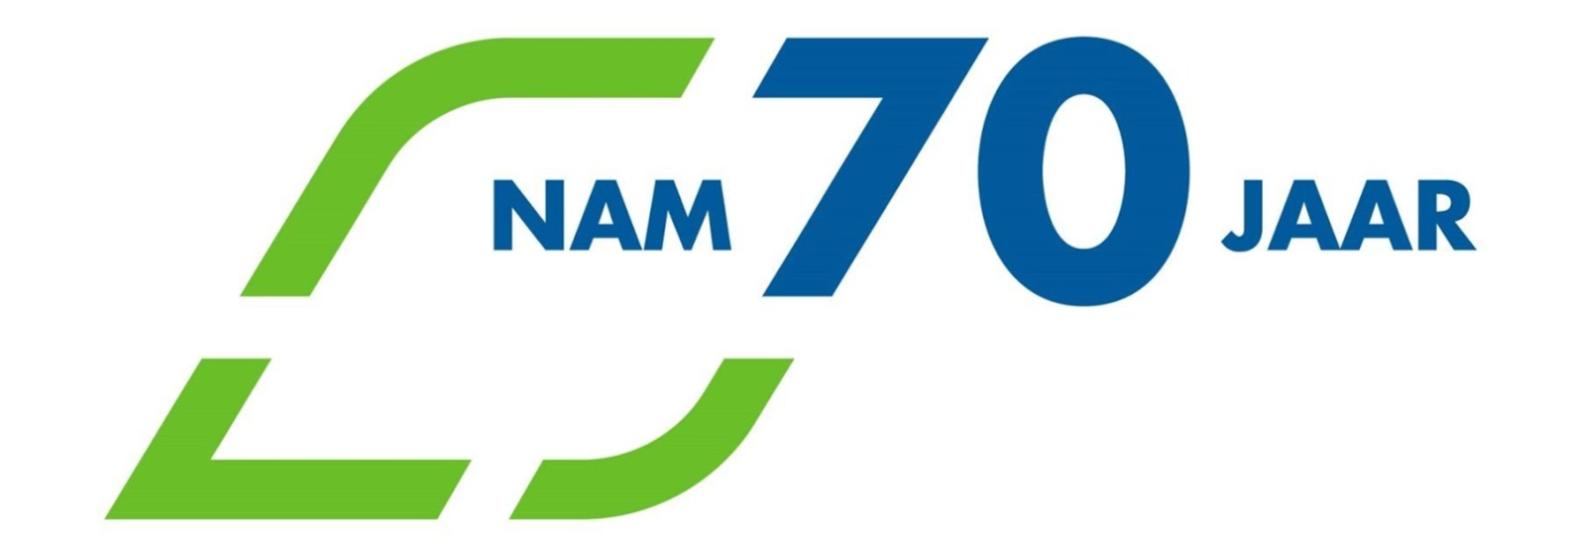 NAM 70jr